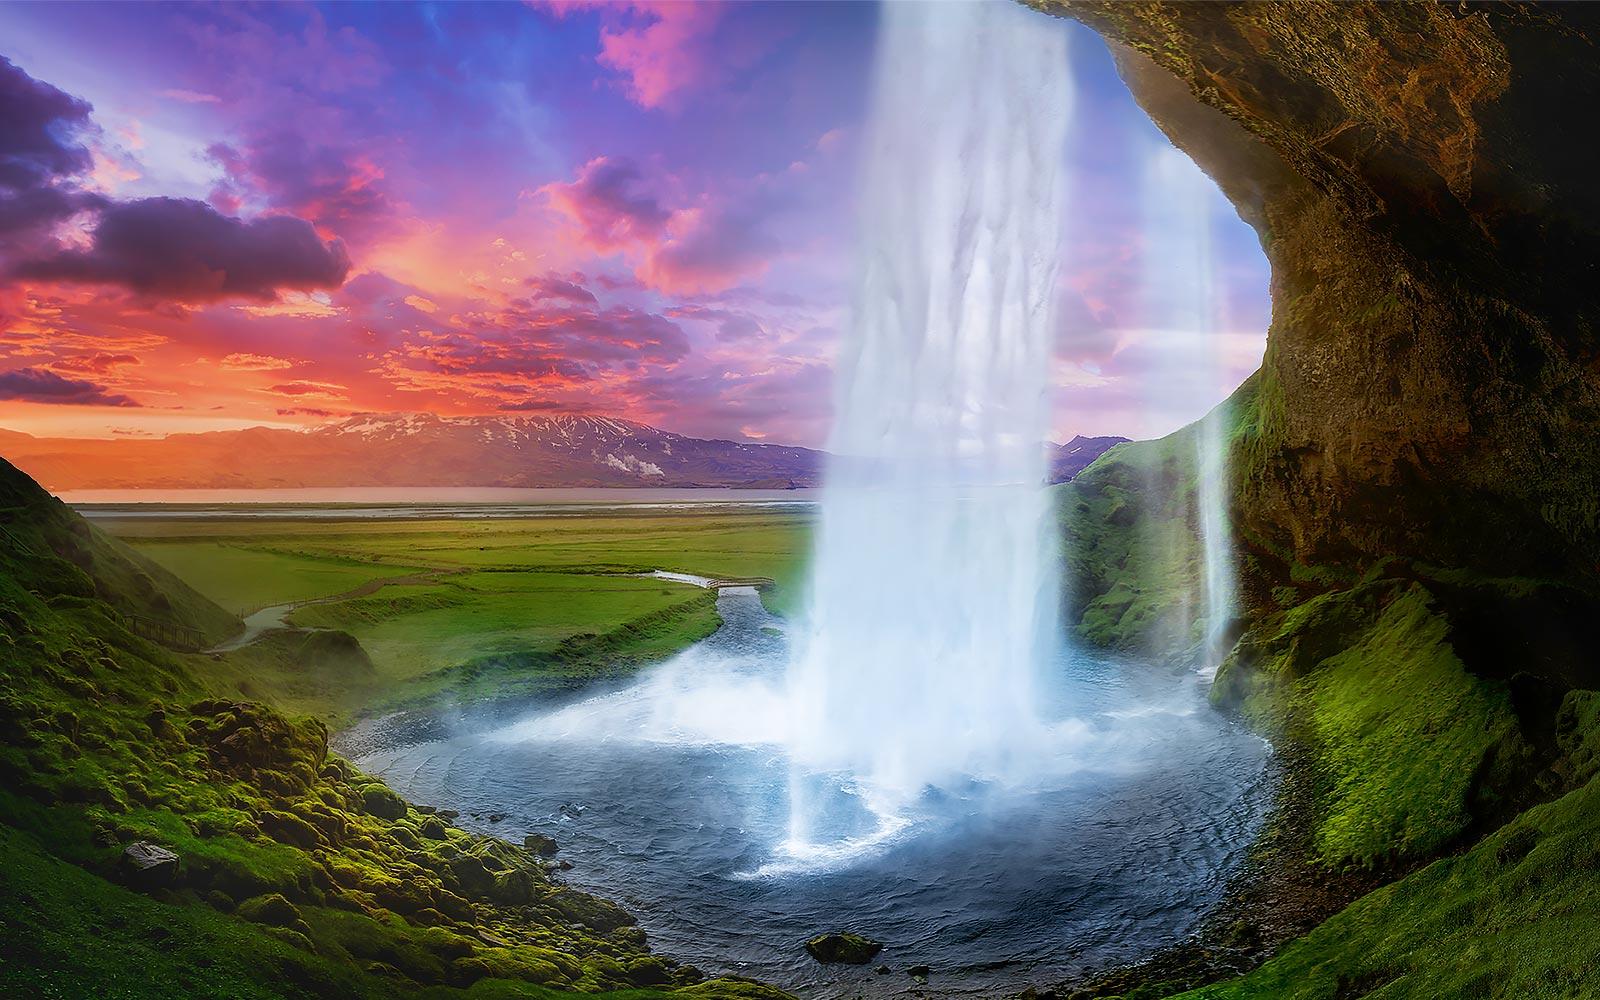 Une cascade au milieu d'un paysage